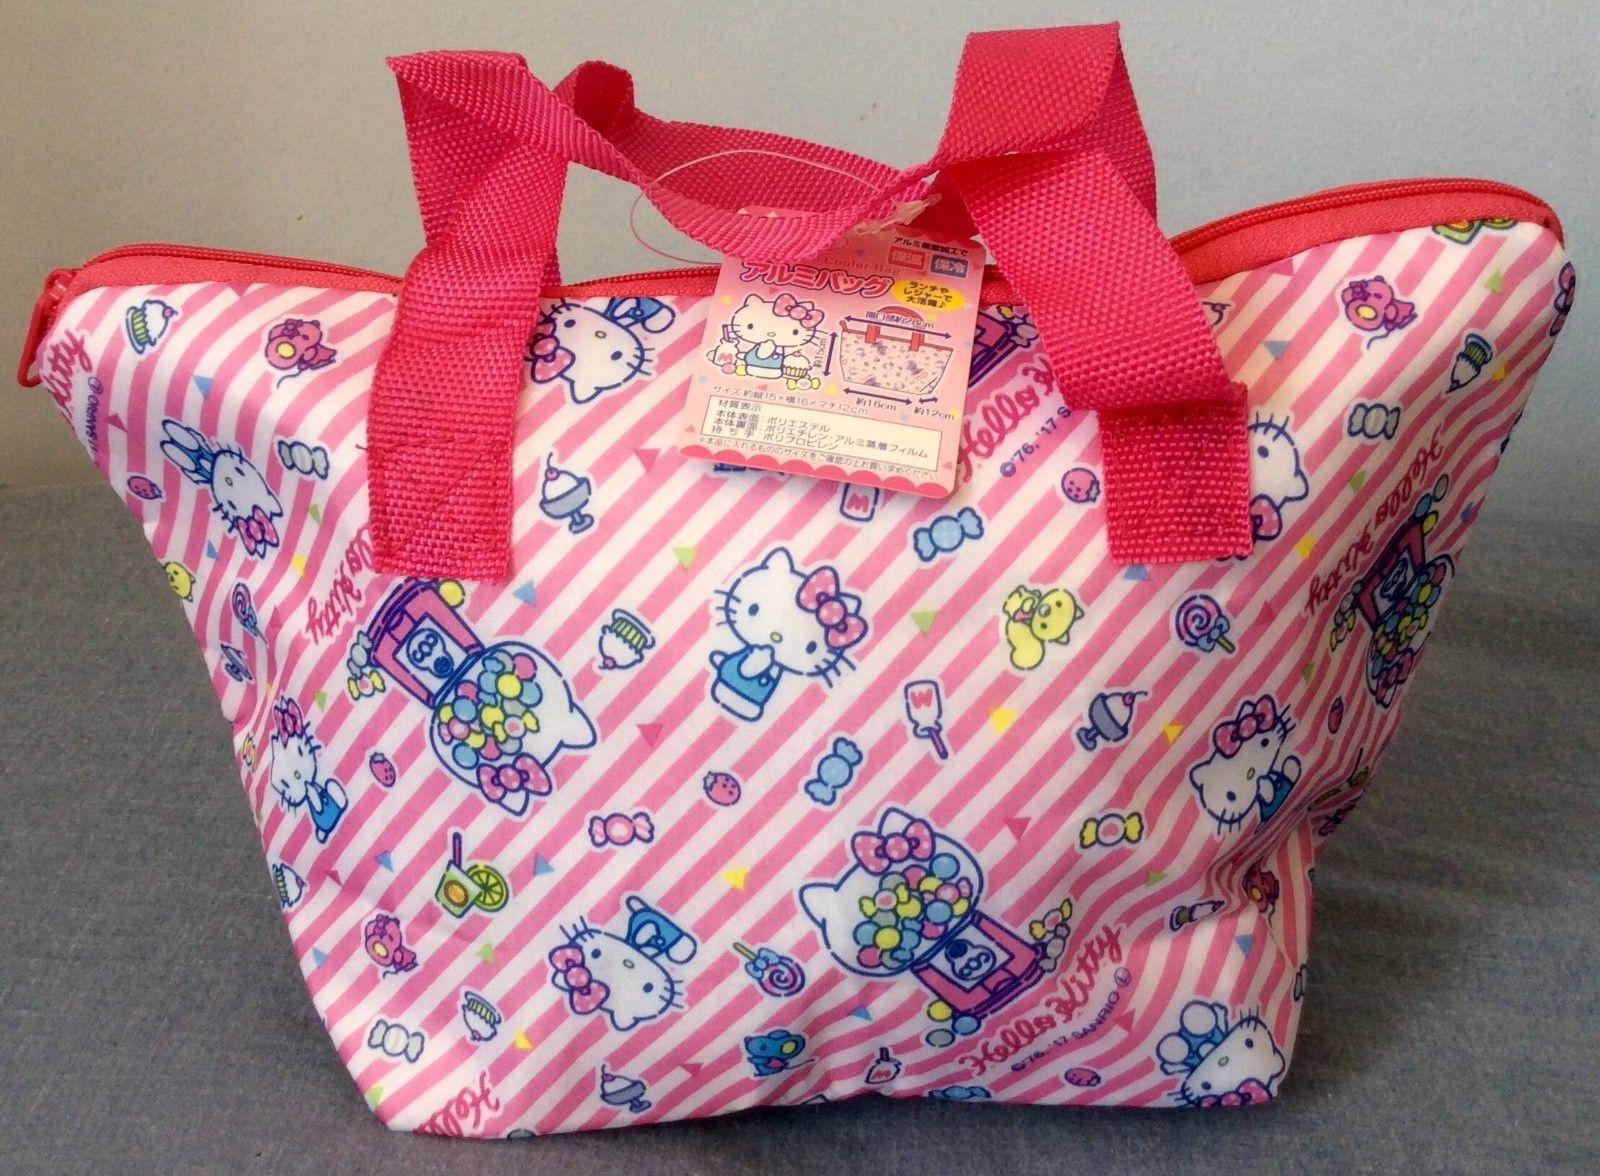 X射線【C571128】Hello Kitty 保溫手提袋,美妝小物包/筆袋/面紙包/化妝包/零錢包/收納包/皮夾/手機袋/鑰匙包